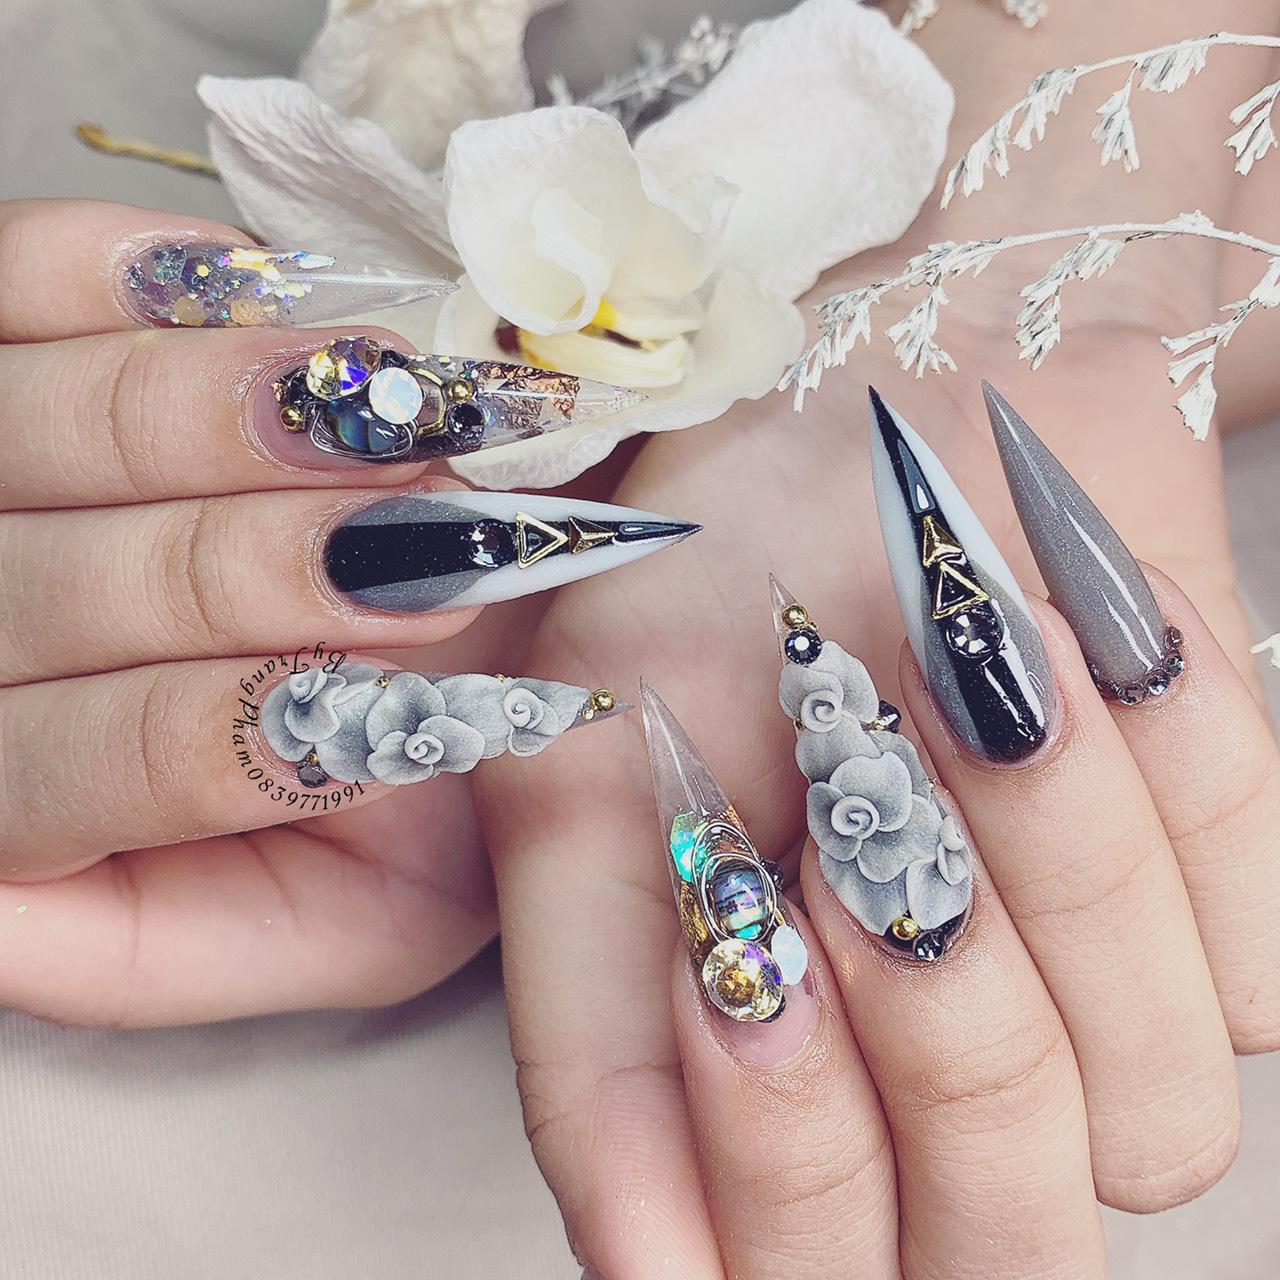 Bộ sưu tập nails sang trọng, đẳng cấp từ chuyên gia Trang Phạm - Ảnh 5.